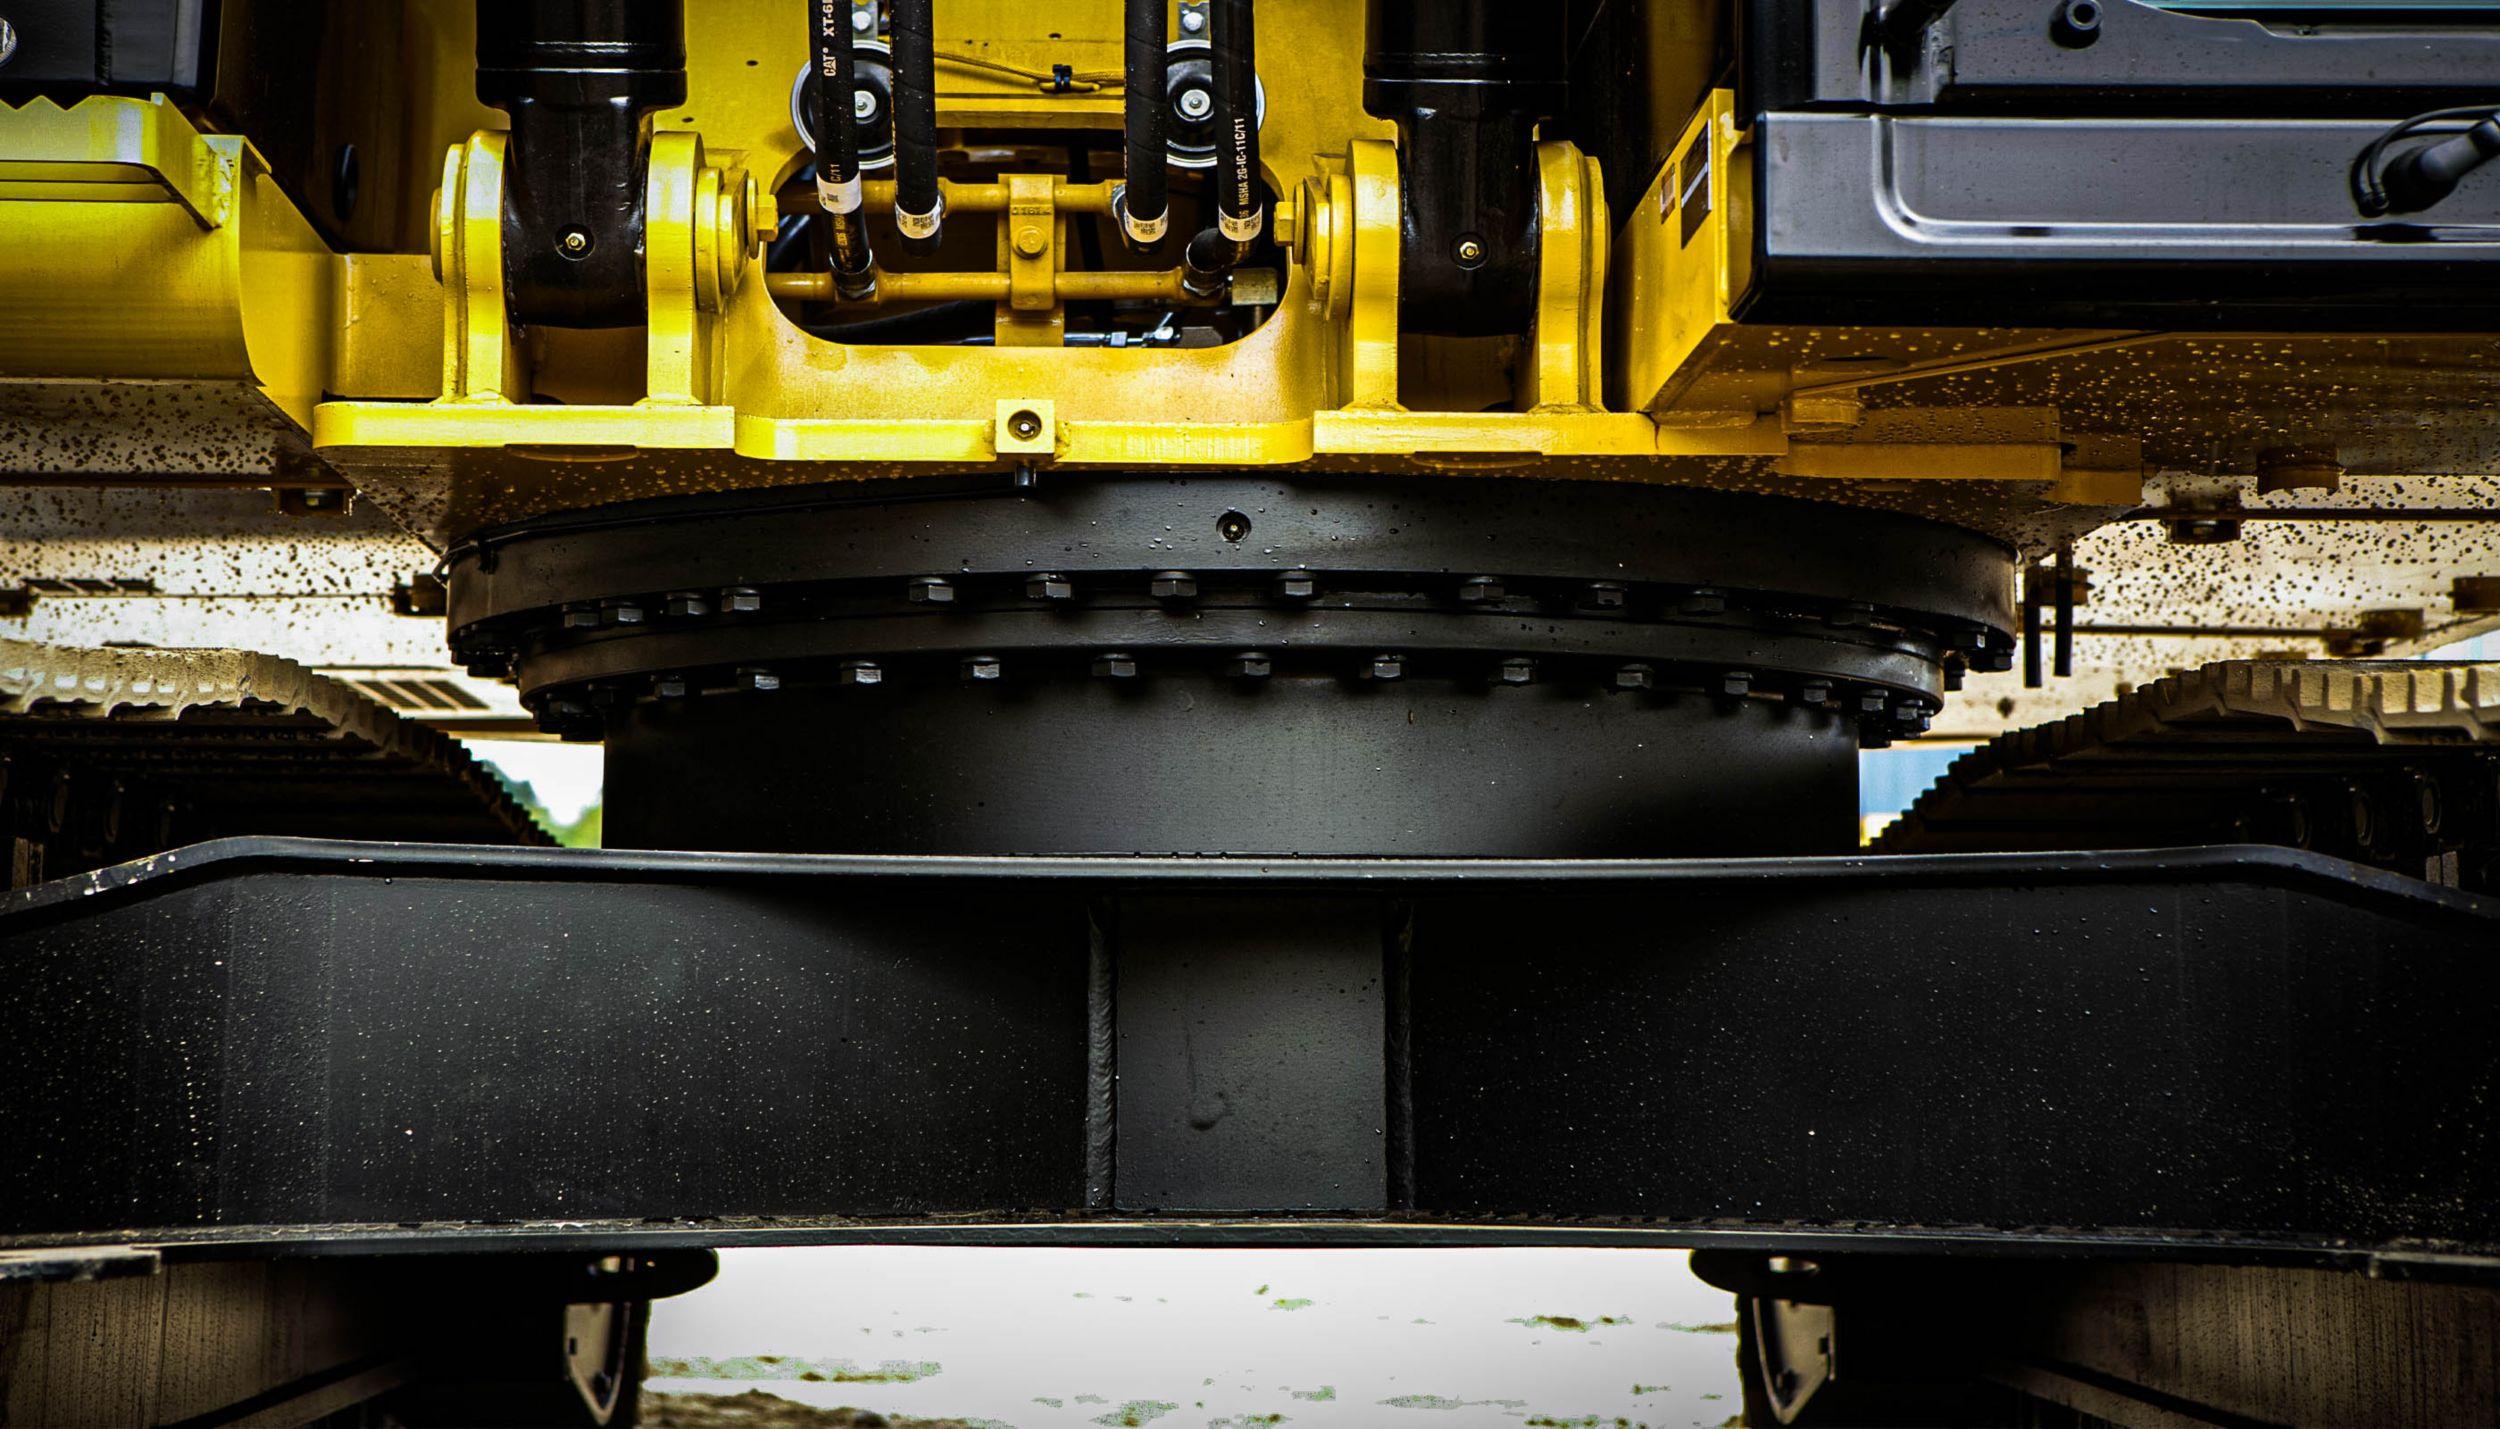 Cat | 318F L Hydraulic Excavator | Caterpillar